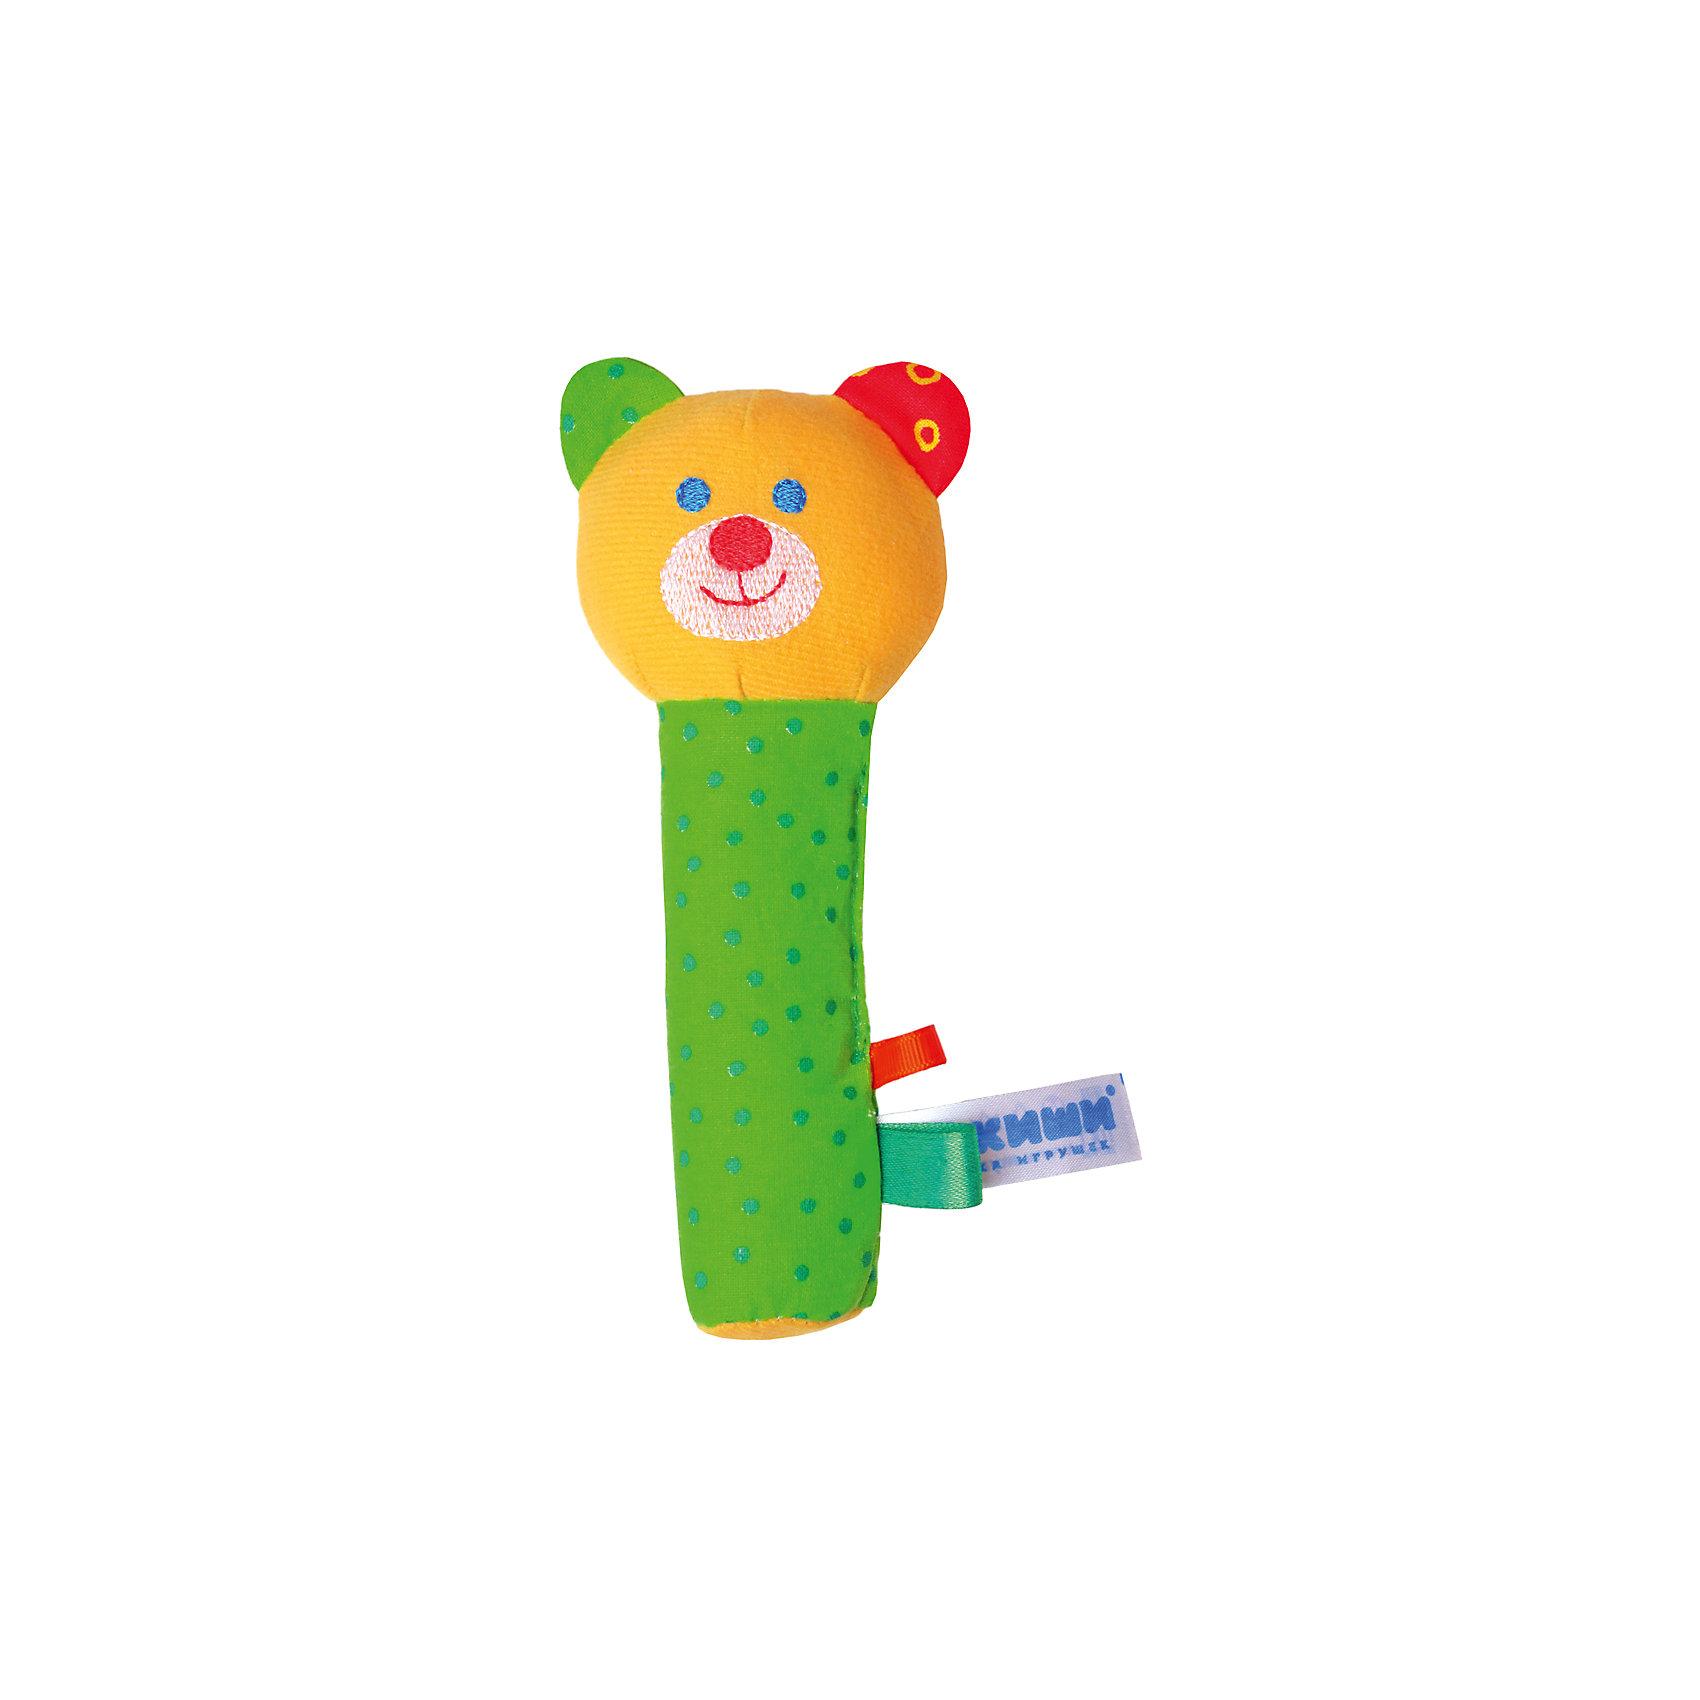 Игрушка Миша, МякишиИгрушки для малышей<br>Характеристики товара:<br><br>• материал: разнофактурный текстиль, холлофайбер<br>• комплектация: 1 шт<br>• размер игрушки: 18х9х5 см<br>• звуковой элемент<br>• развивающая игрушка<br>• упаковка: ламинированный картонный холдер<br>• страна бренда: РФ<br>• страна изготовитель: РФ<br><br>Малыши активно познают мир и тянутся к новой информации. Чтобы сделать процесс изучения окружающего пространства интереснее, ребенку можно подарить развивающие игрушки. В процессе игры информация усваивается намного лучше!<br>Такие игрушки помогут занять малыша, играть ими приятно и весело. Одновременно они позволят познакомиться со многими цветами, фактурами, а также научиться извлекать звук. Подобные игрушки развивают тактильные ощущения, моторику, цветовосприятие, логику, воображение, учат фокусировать внимание. Каждое изделие абсолютно безопасно – оно создано из качественной ткани с мягким наполнителем. Игрушки производятся из качественных и проверенных материалов, которые безопасны для детей.<br><br>Игрушку Миша от бренда Мякиши можно купить в нашем интернет-магазине.<br><br>Ширина мм: 170<br>Глубина мм: 40<br>Высота мм: 70<br>Вес г: 40<br>Возраст от месяцев: 12<br>Возраст до месяцев: 36<br>Пол: Унисекс<br>Возраст: Детский<br>SKU: 5183202